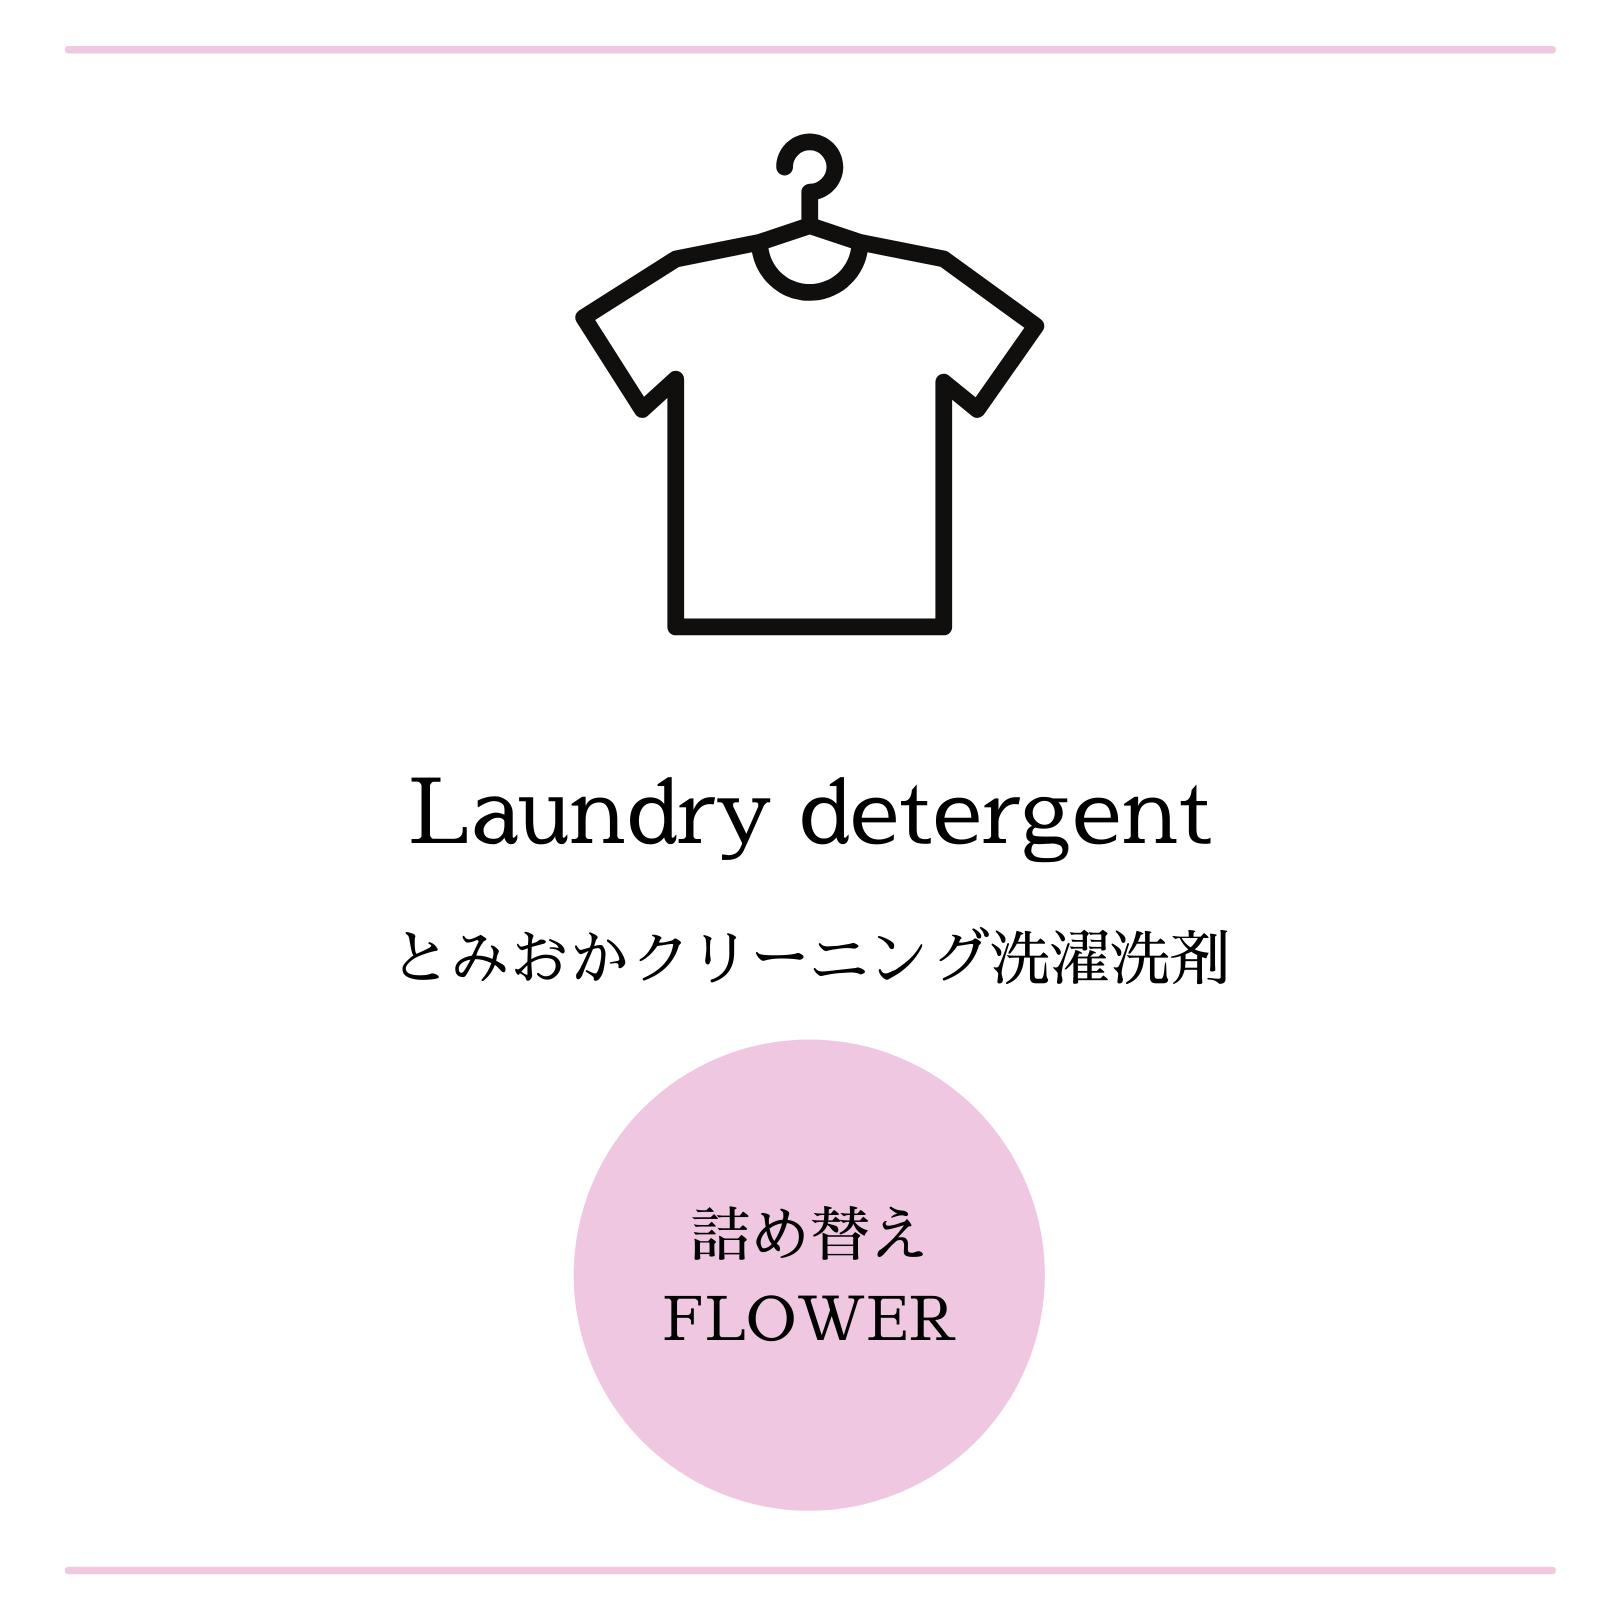 【とみおかクリーニング】牛乳缶入り洗濯洗剤 <フラワー>  詰め替え